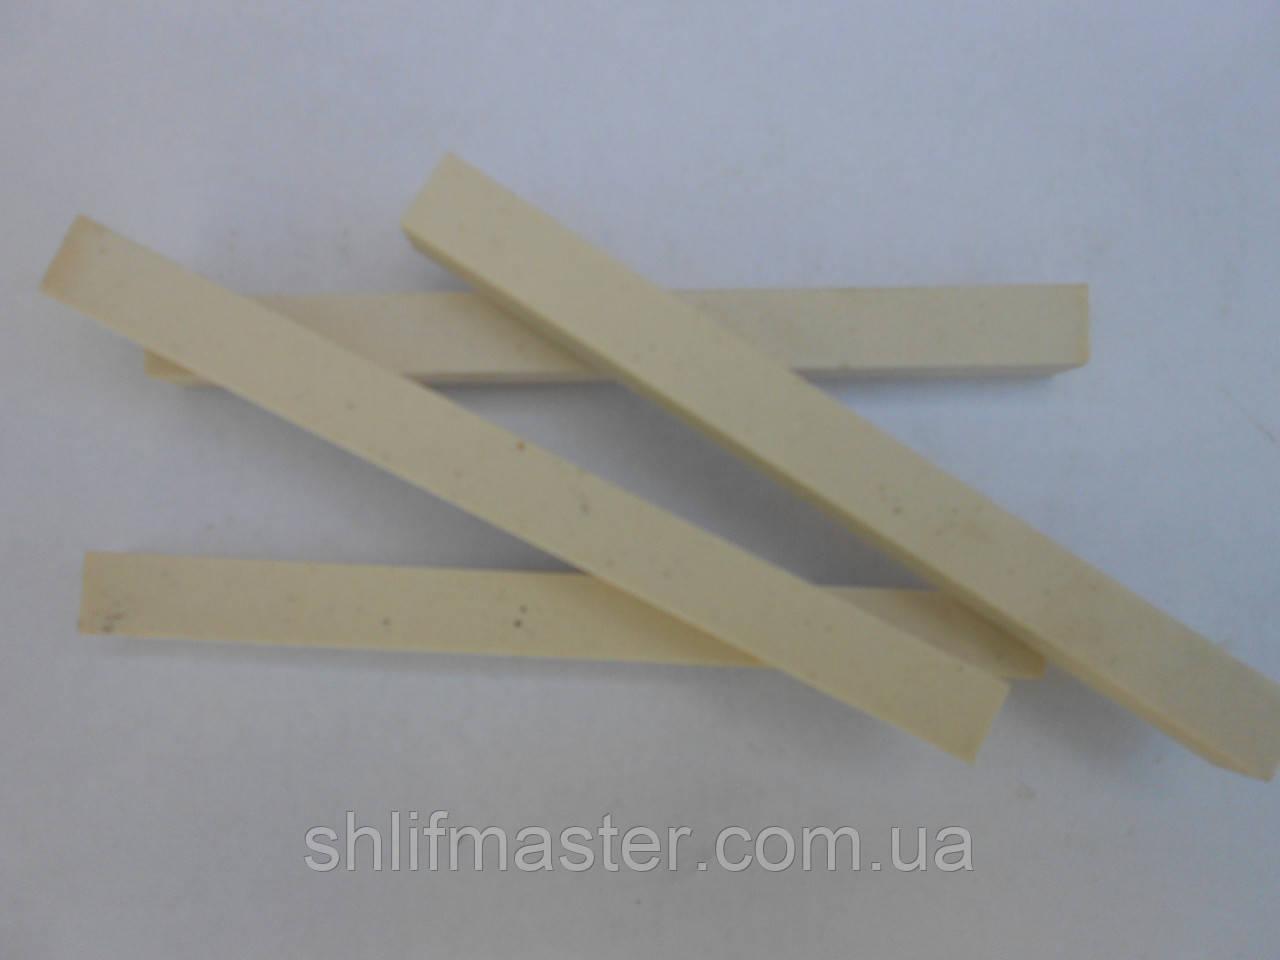 Брусок заточной абразивный 25А (электрокорунд белый) 120х10х8 8 Т